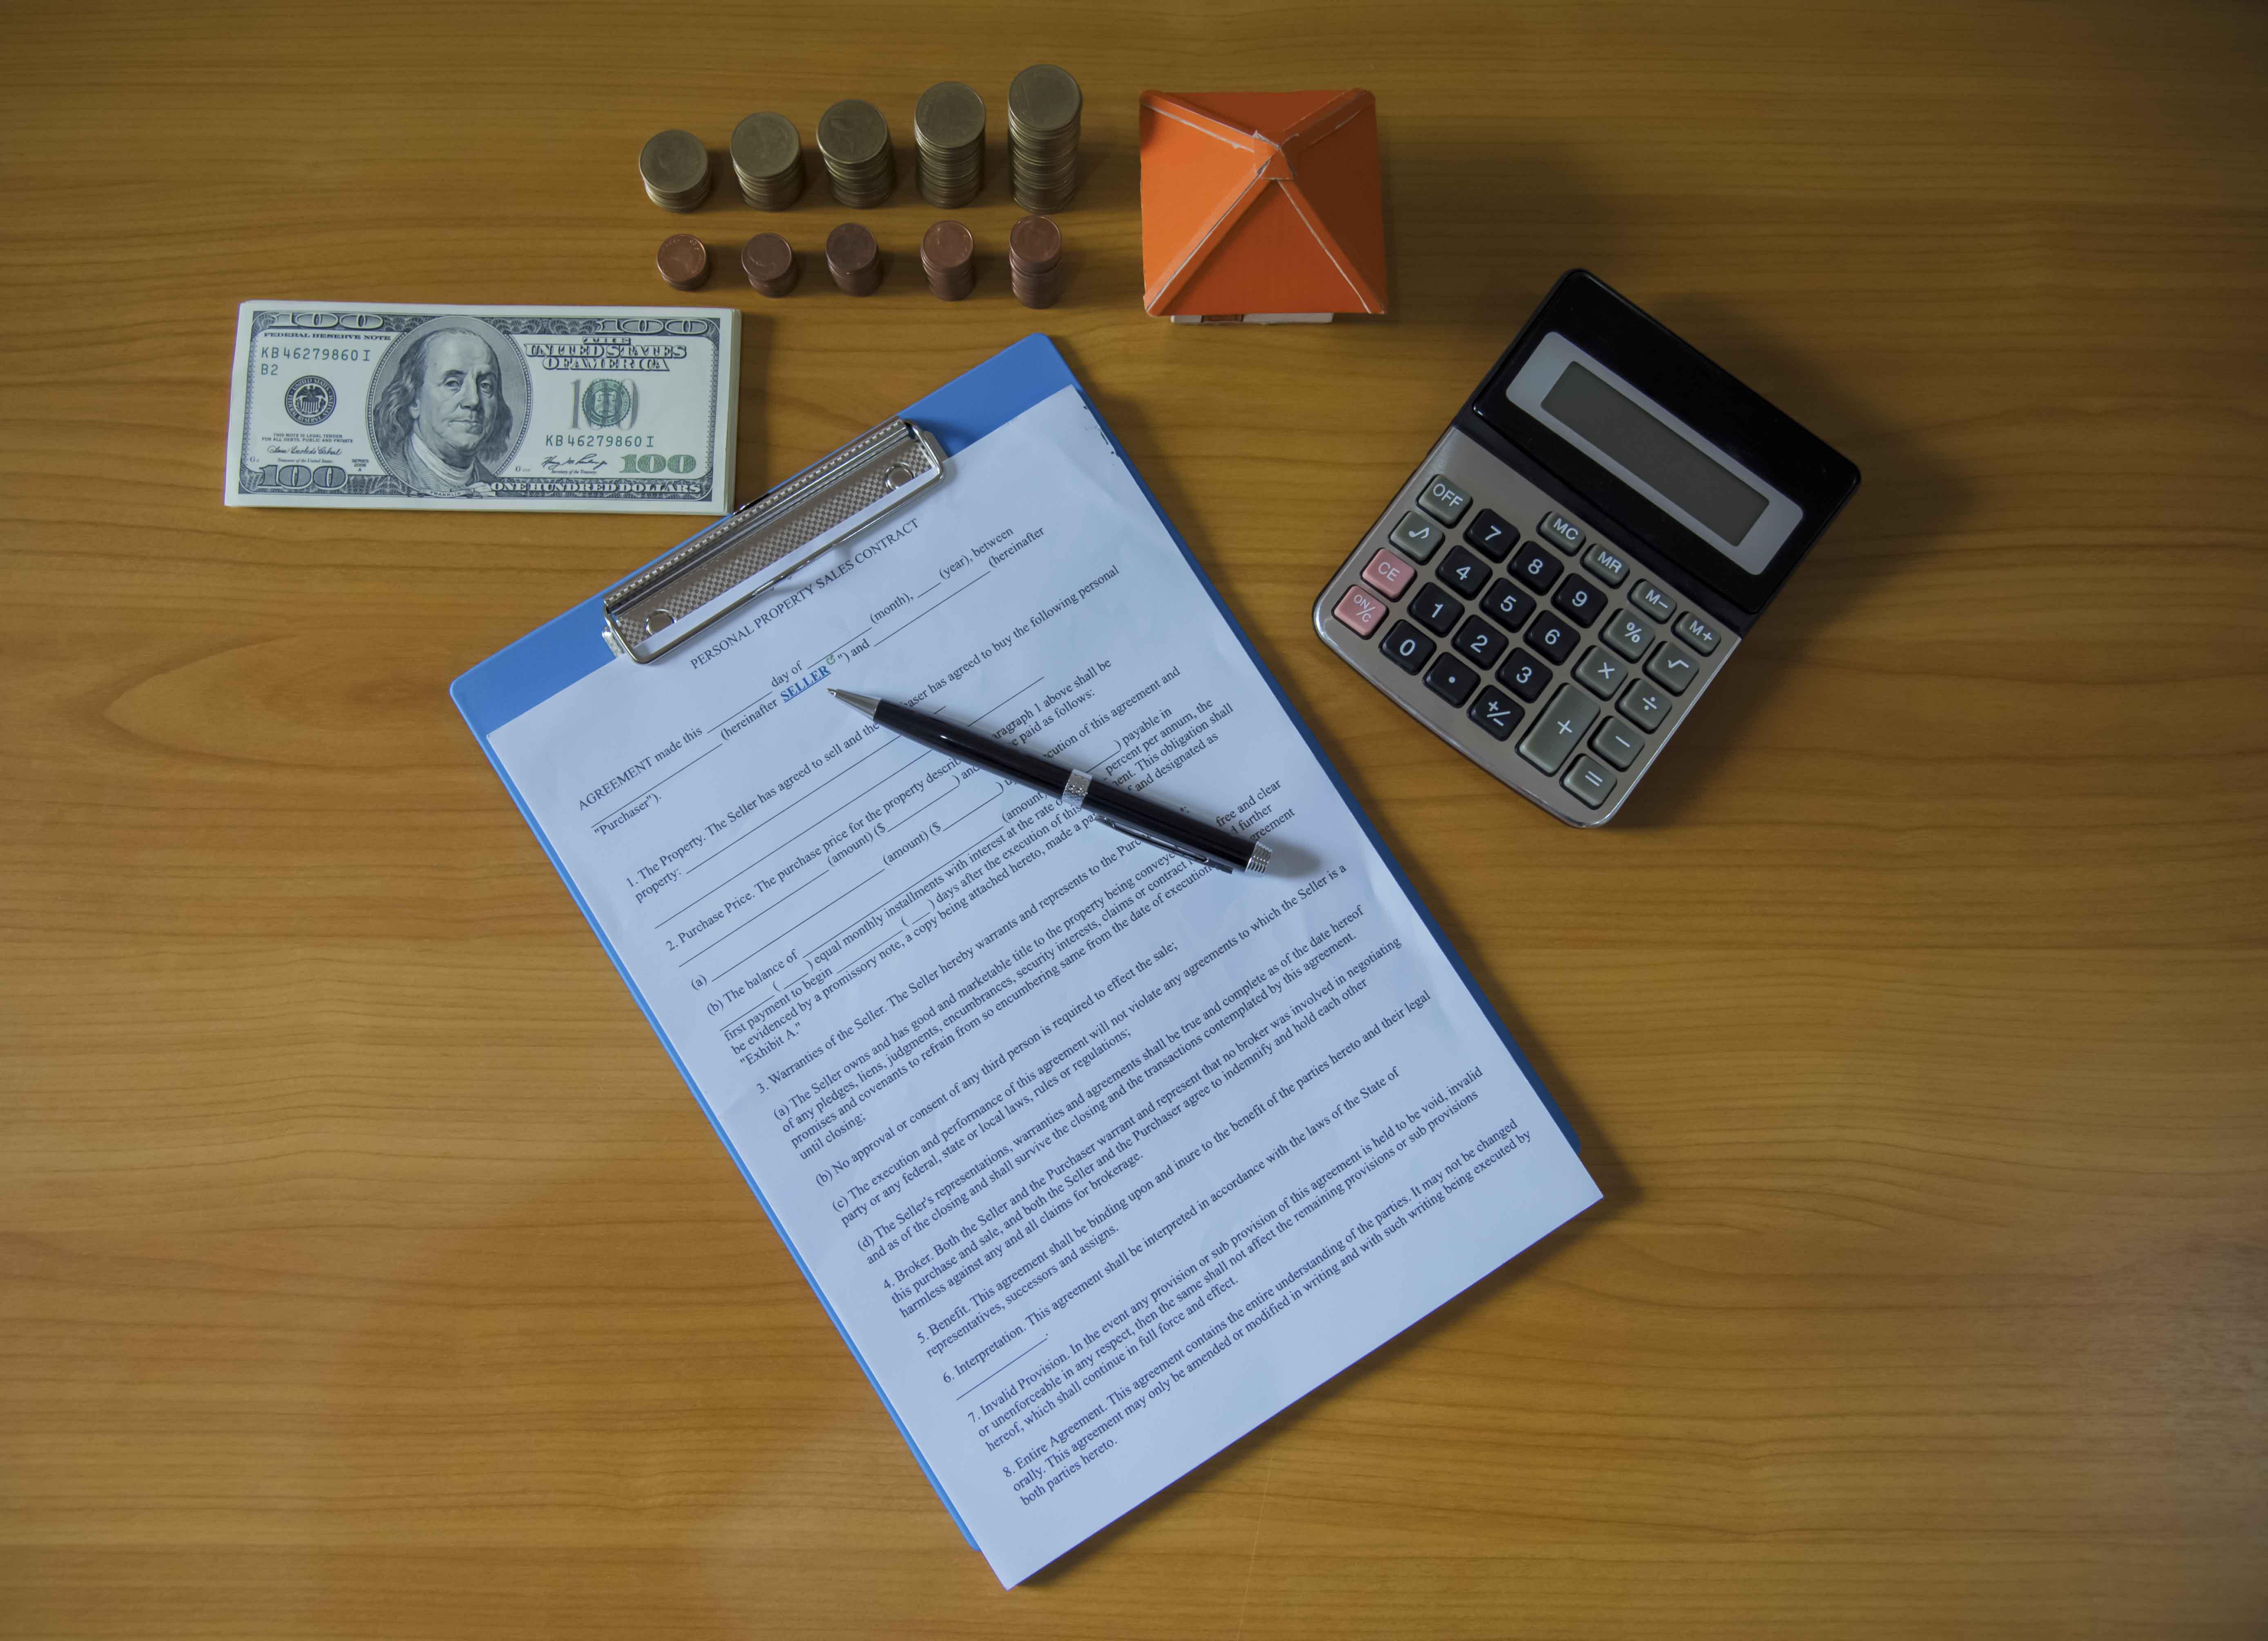 Contrato de imagen sobre mesa con dinero y calculadora